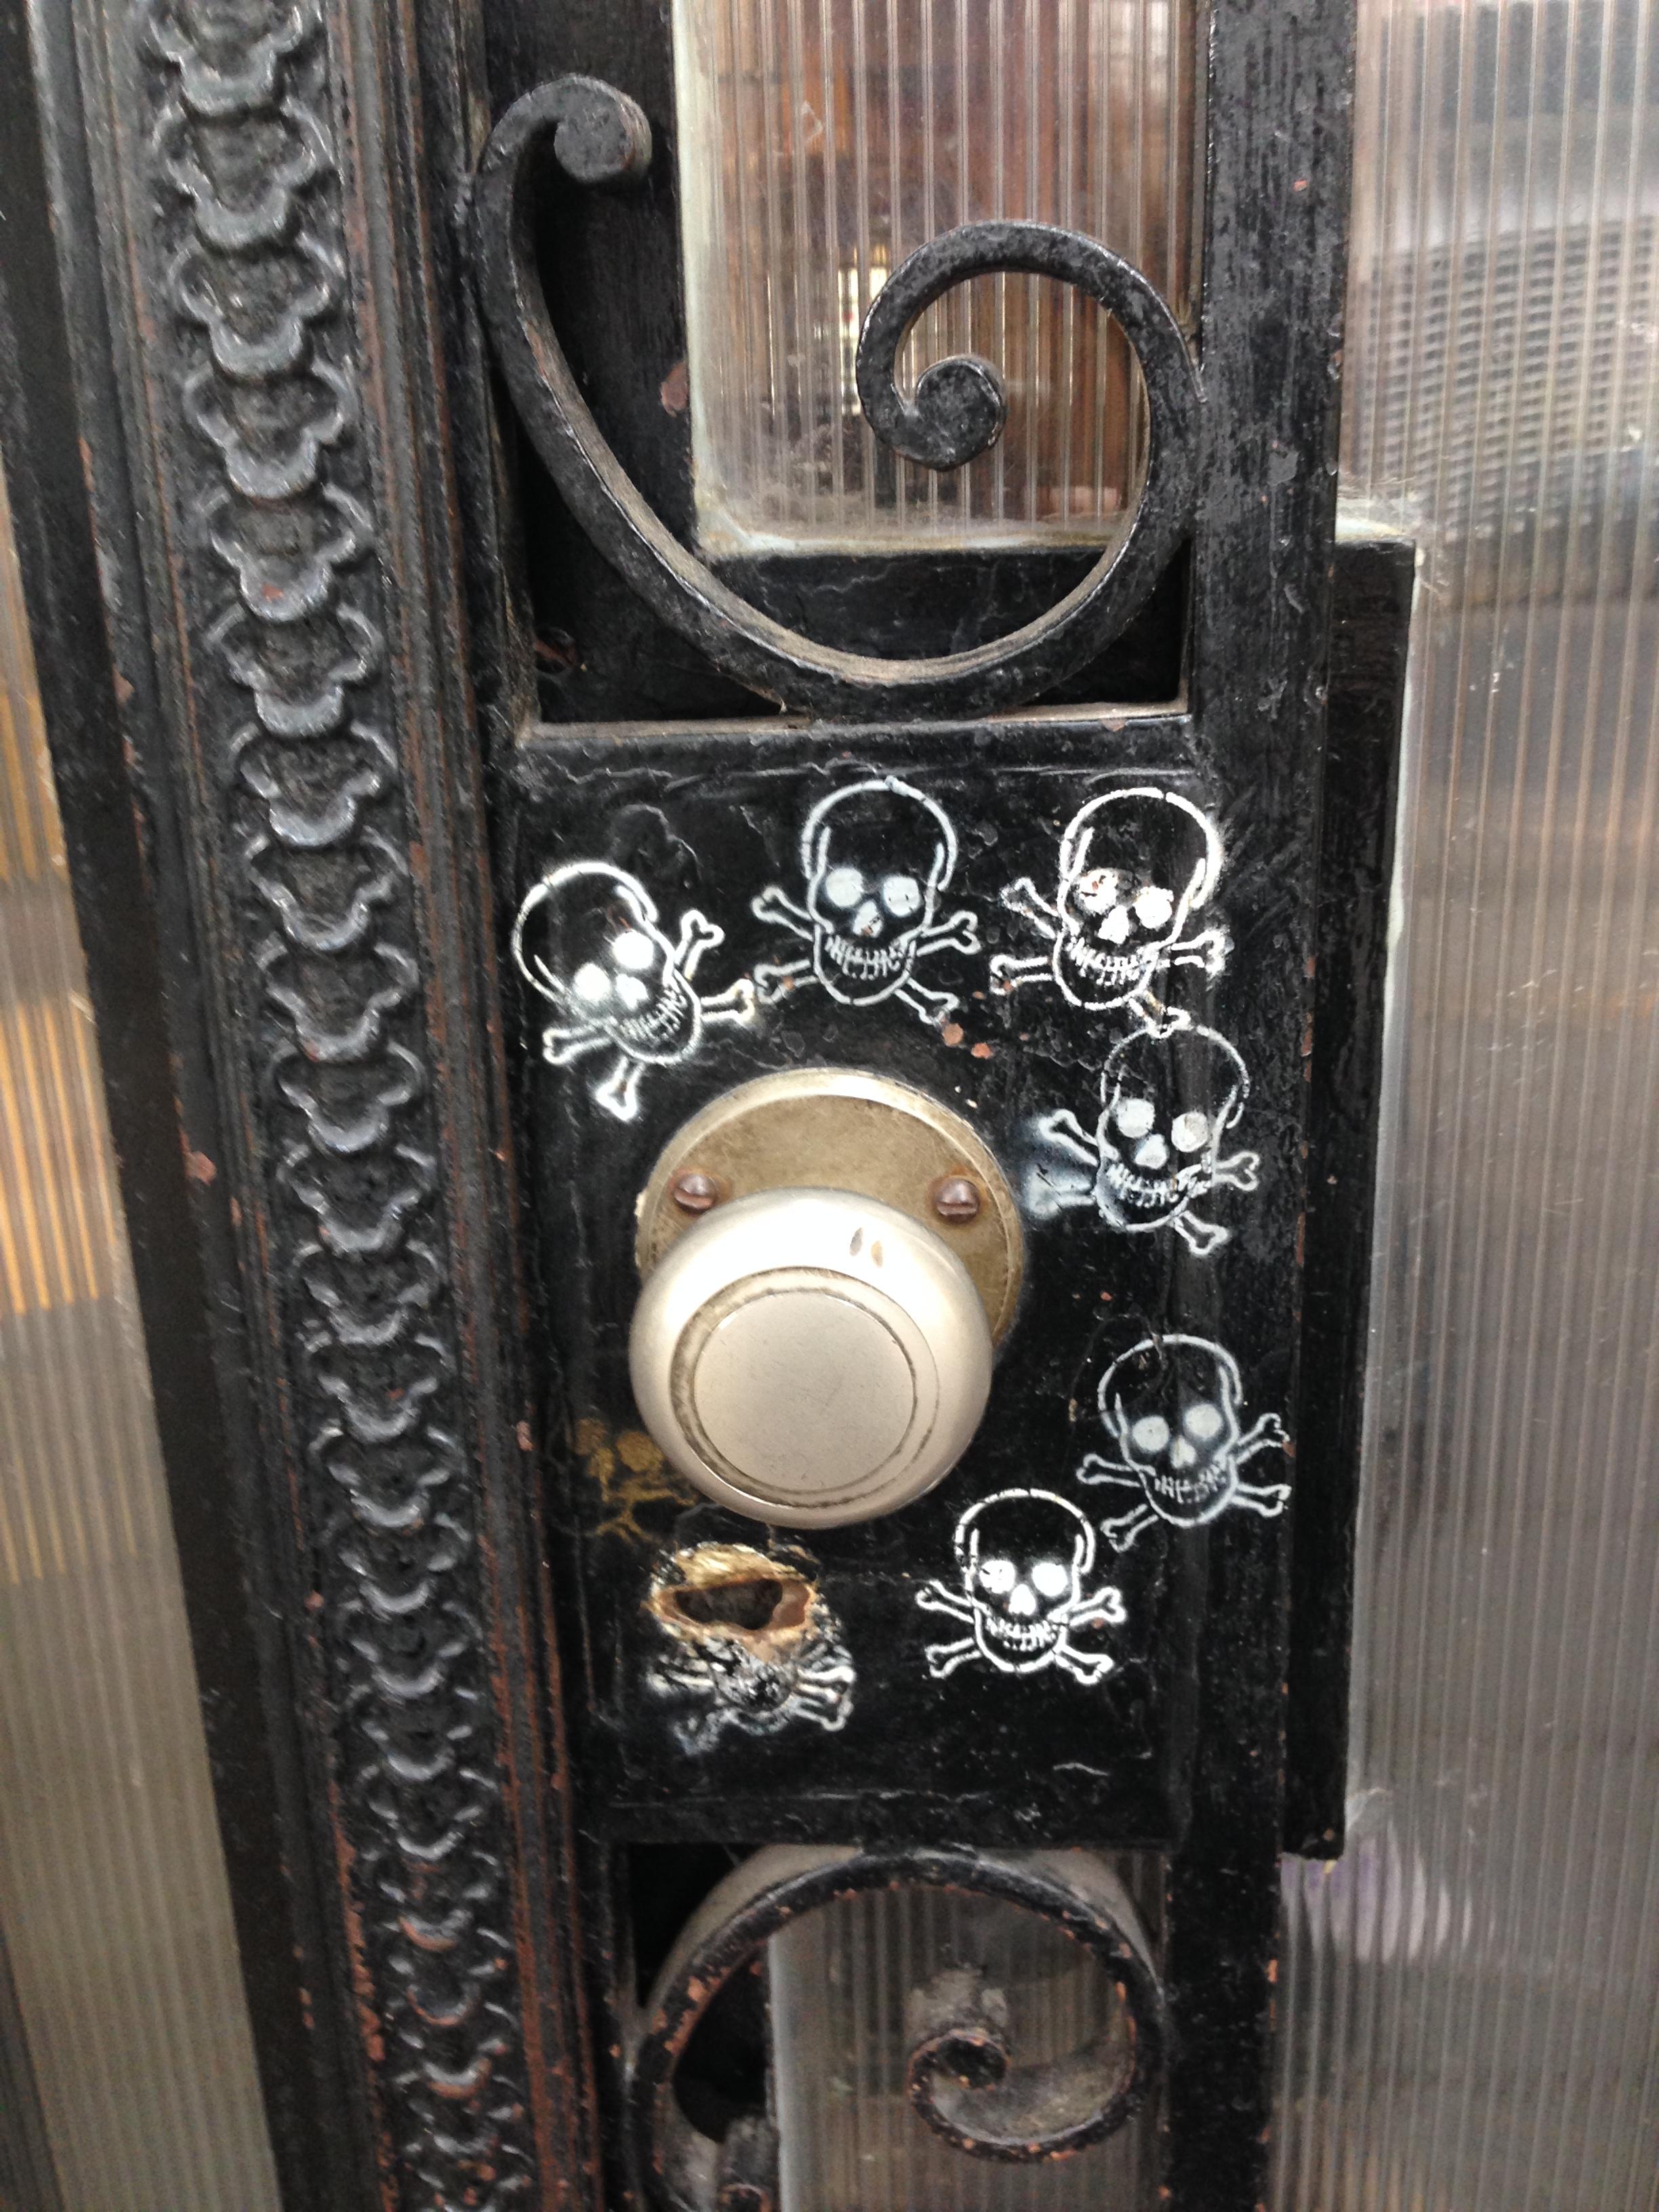 Open the door to see the danger